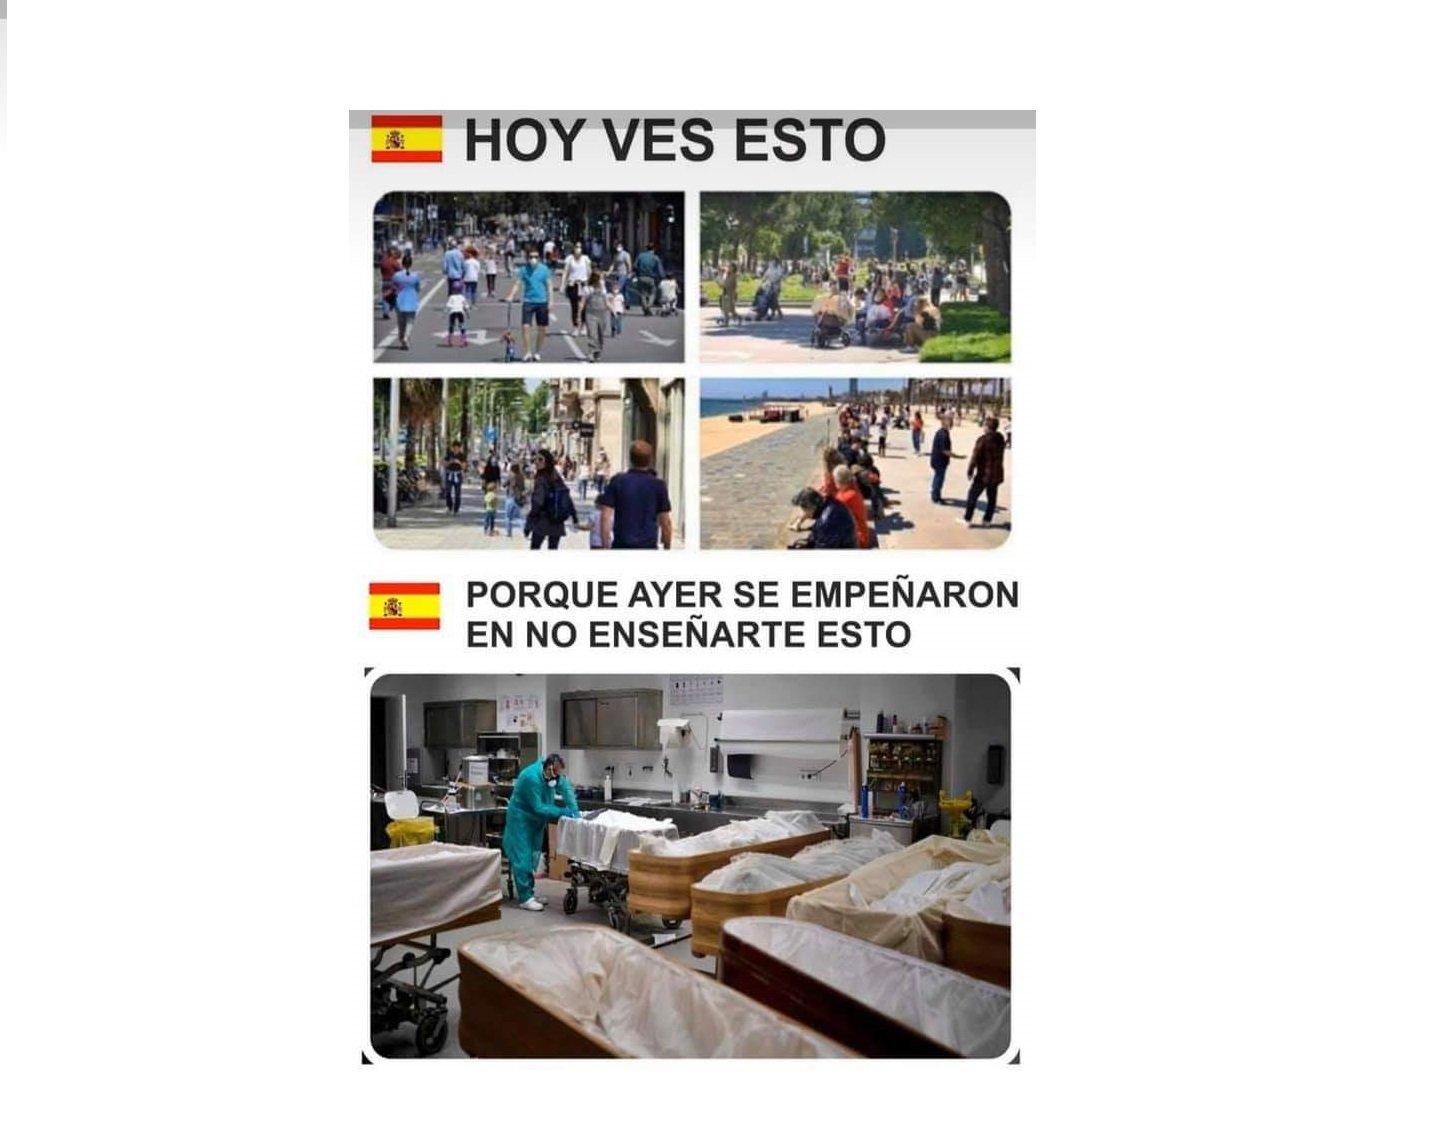 Cuando finalice la desescalada, y los ciudadanos estén en las calles, declarare el luto oficial… (Sánchez, en el Congreso)